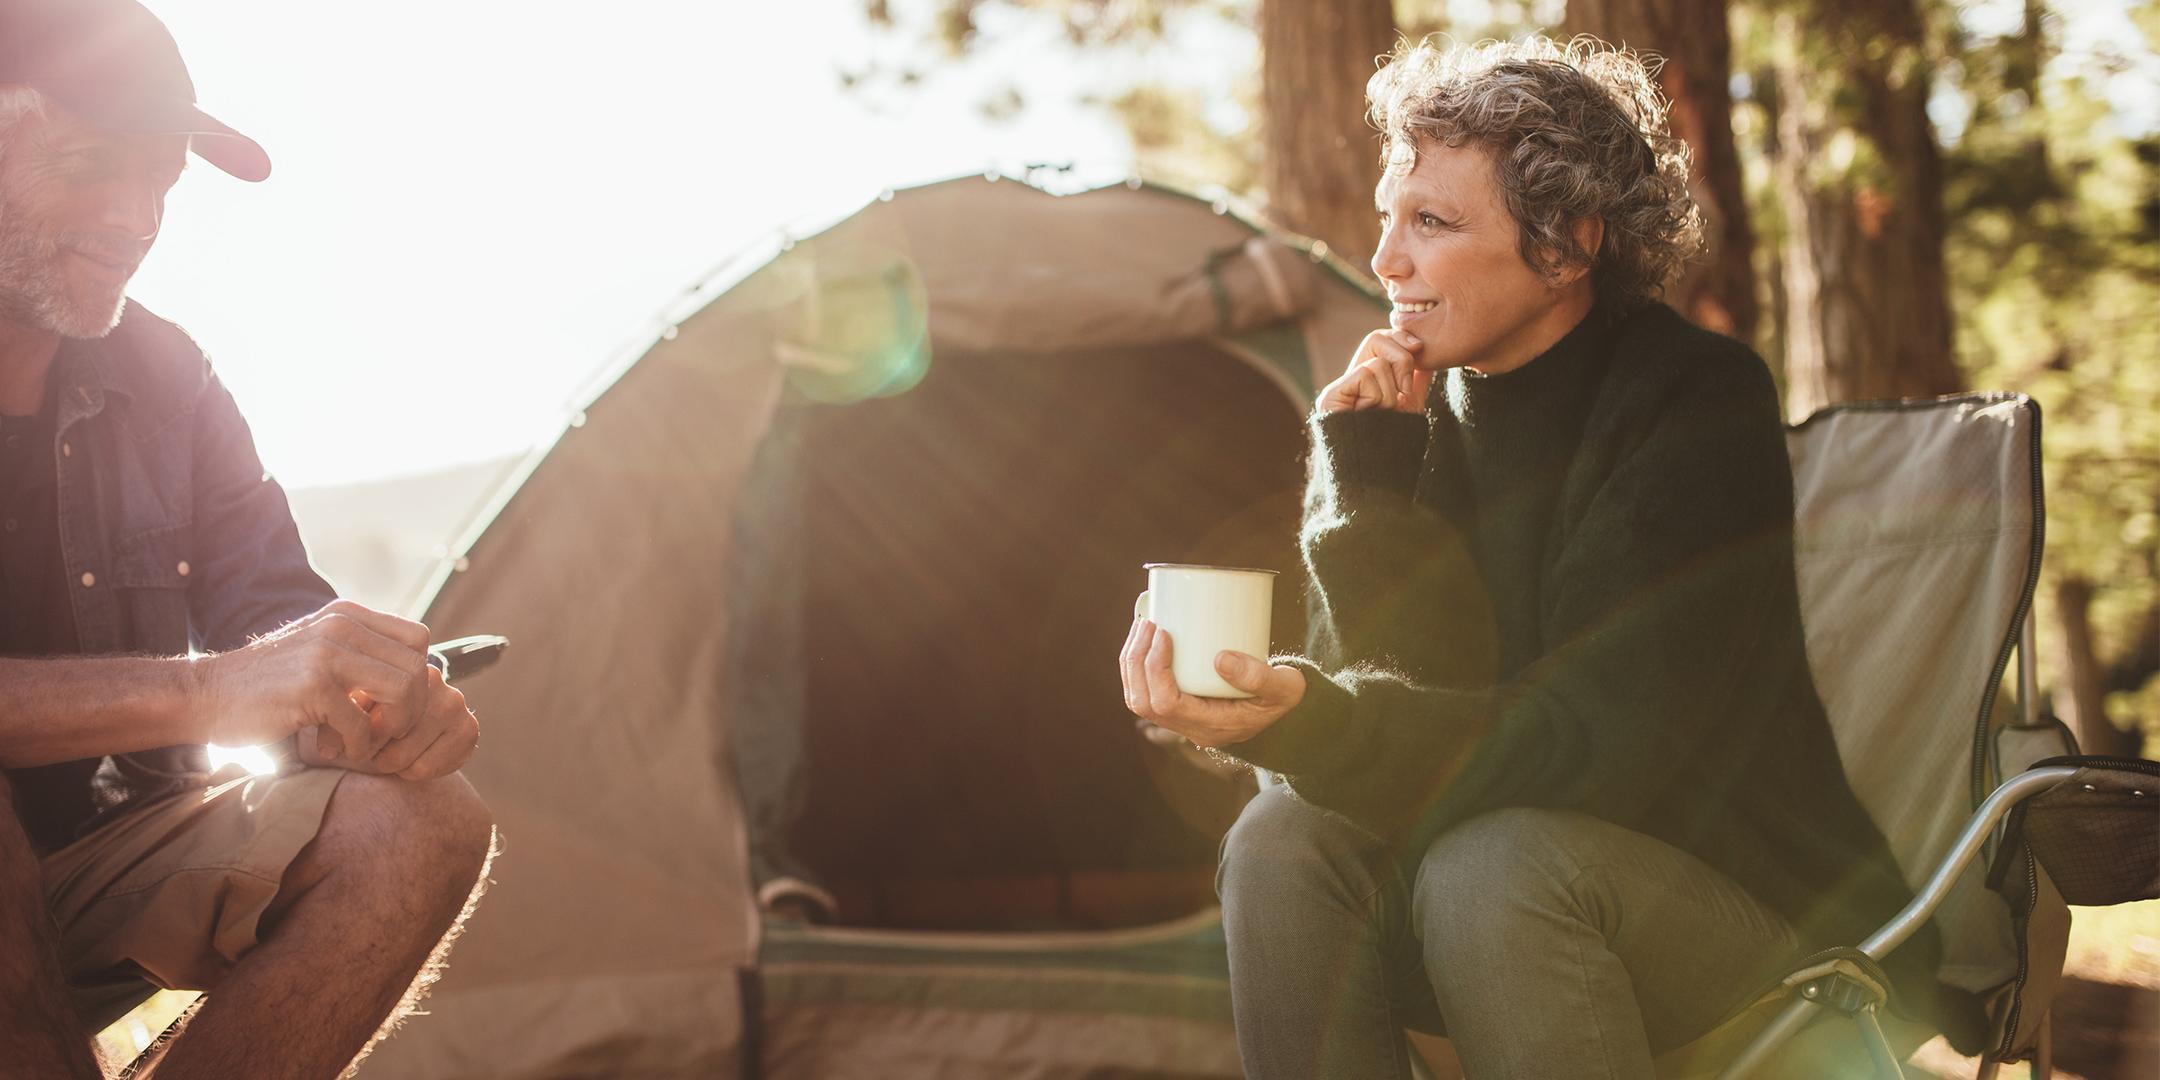 woman and man camping